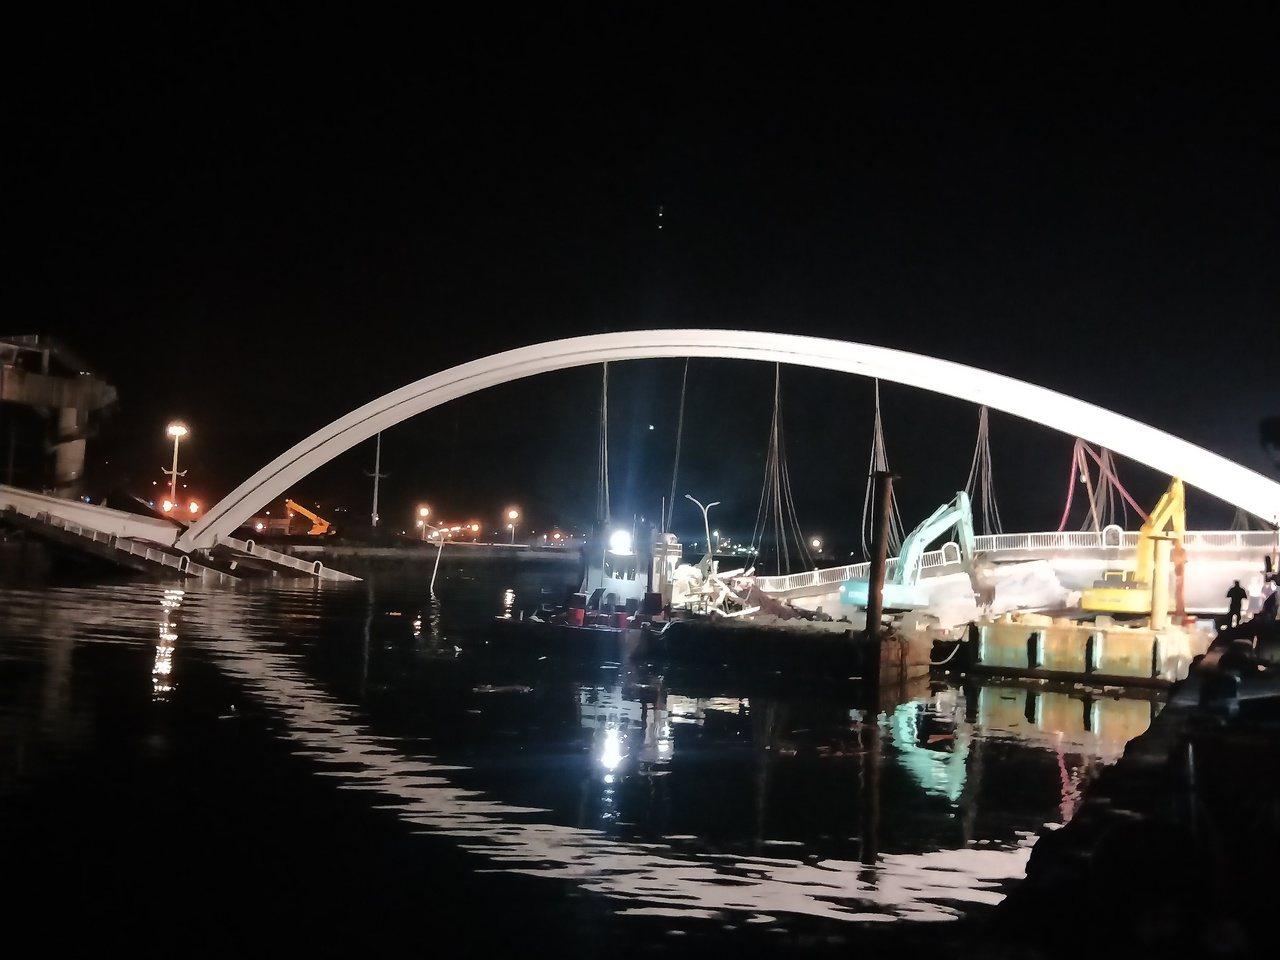 南方澳搜救現埸,凌晨5點仍全力搜救3名失踪外籍漁工,拱橋倒影夜更哀傷。記者游明煌...